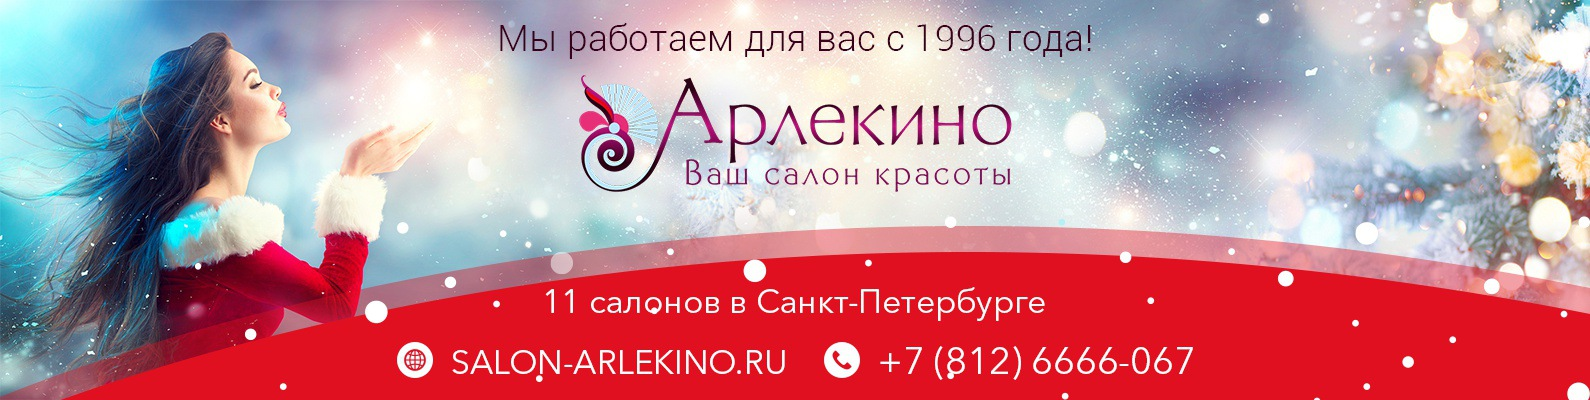 Девушки по вызову Лени Голикова индивидуалки в спб inurl rbook cgi